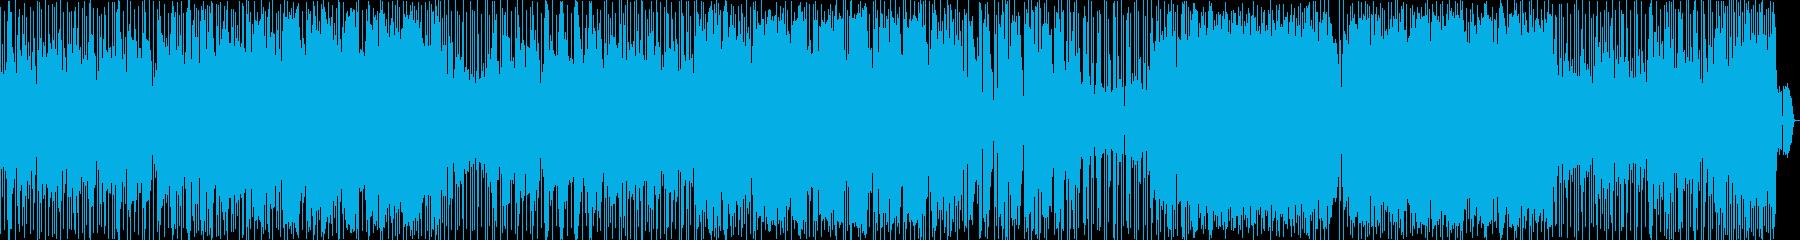 鍵のかけらの再生済みの波形